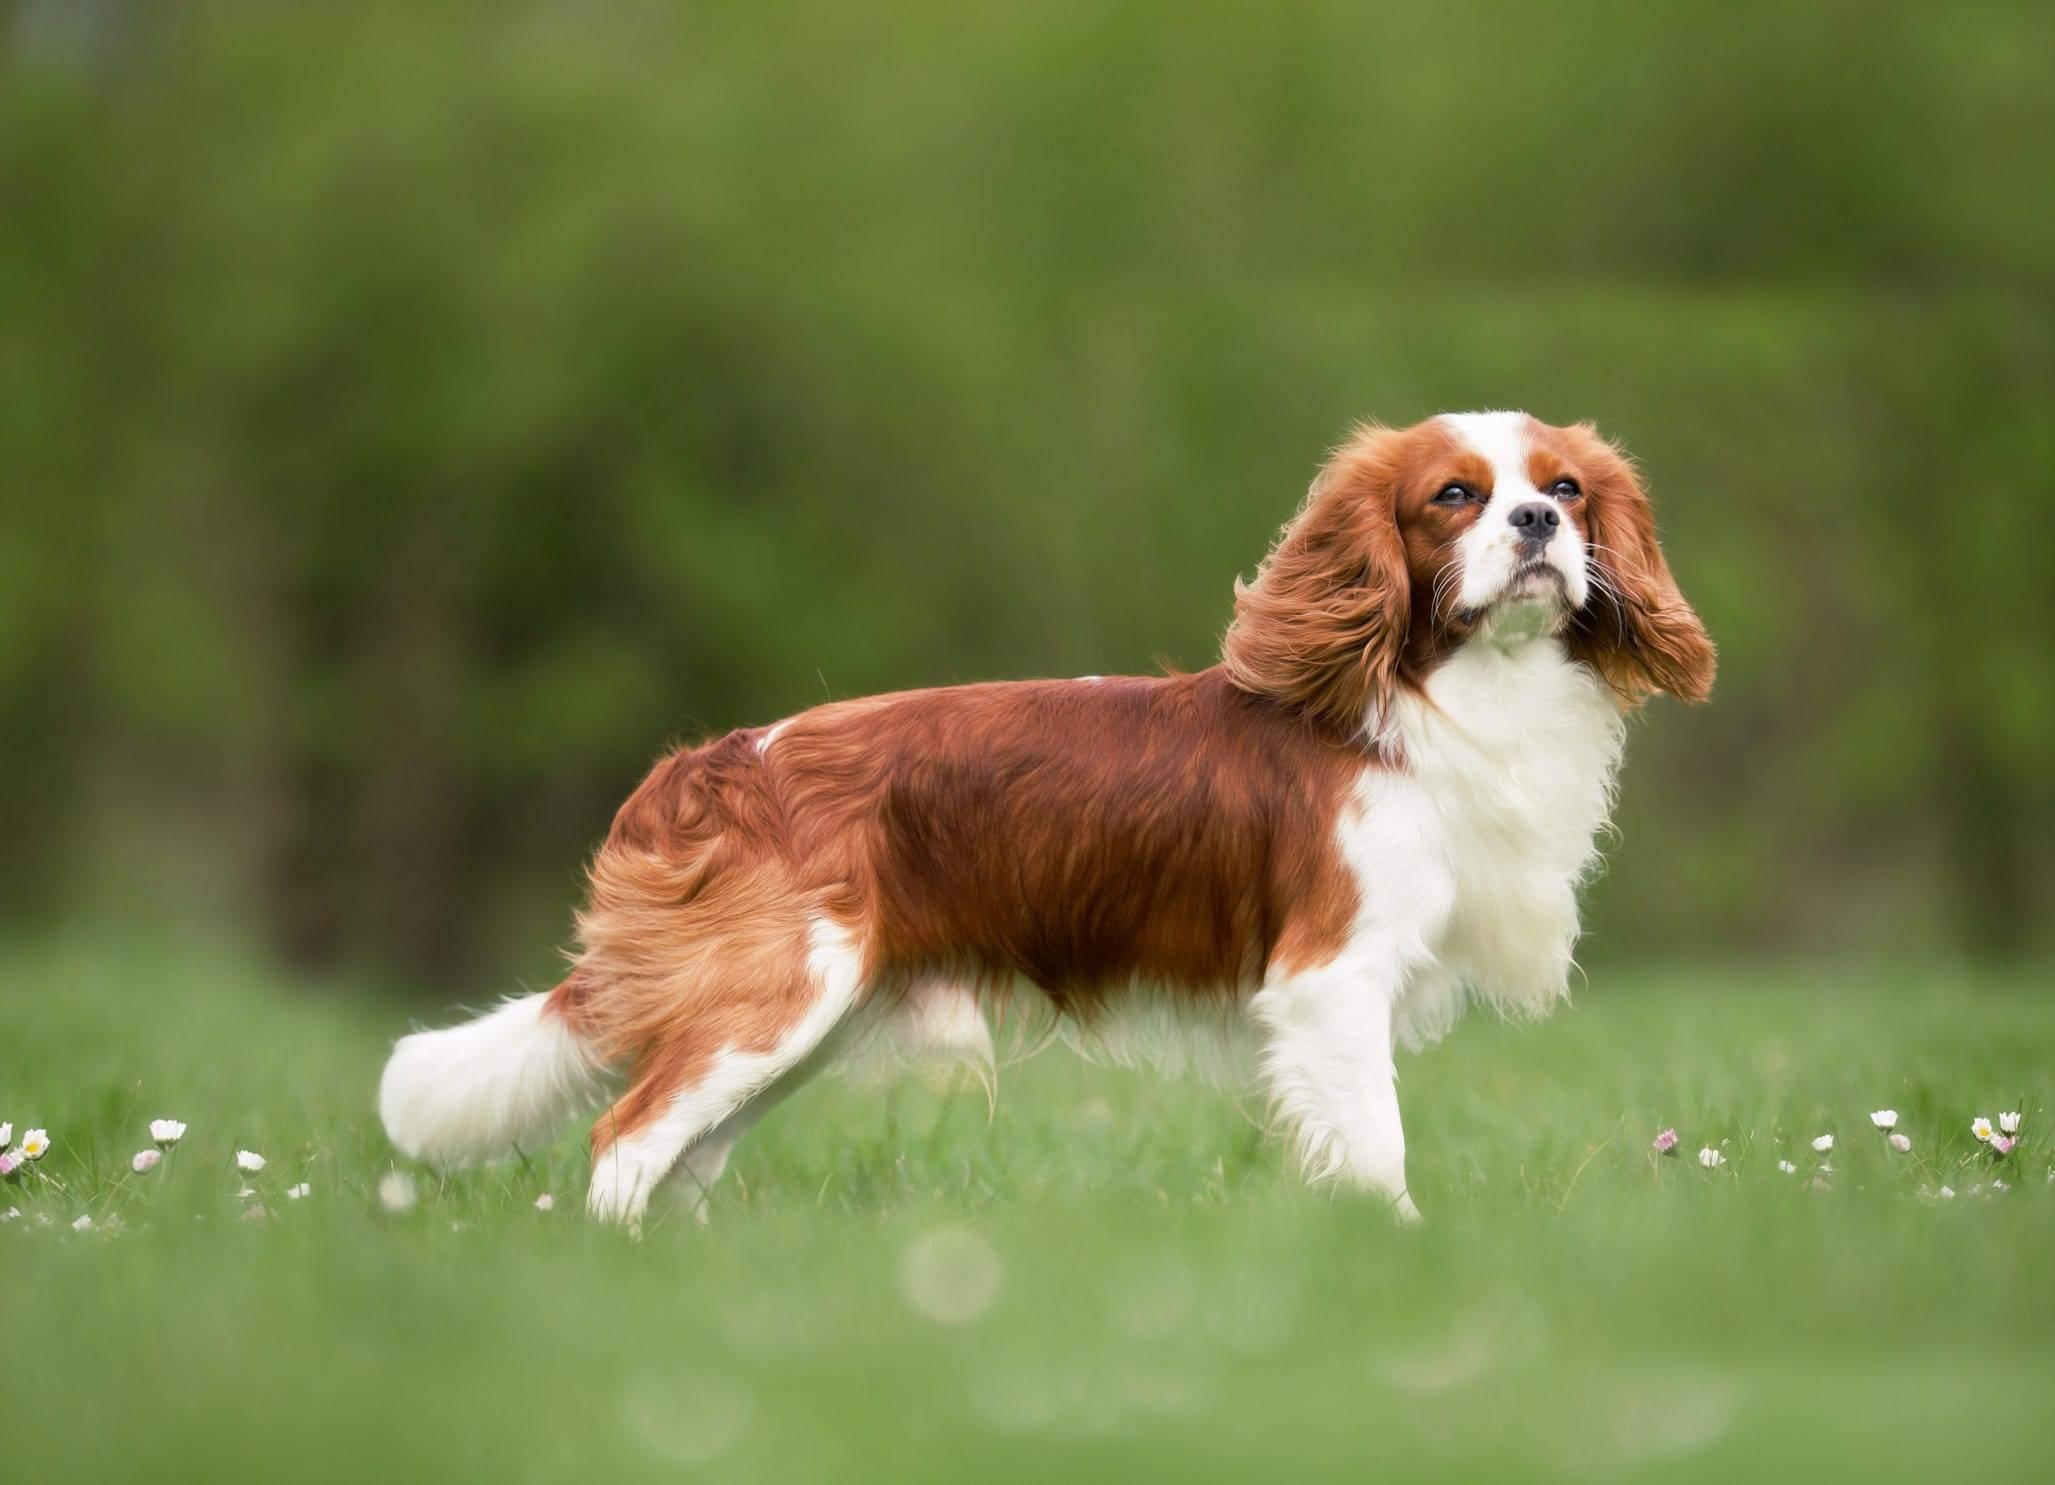 Кинг чарльз спаниель (той спаниель) — порода собаки